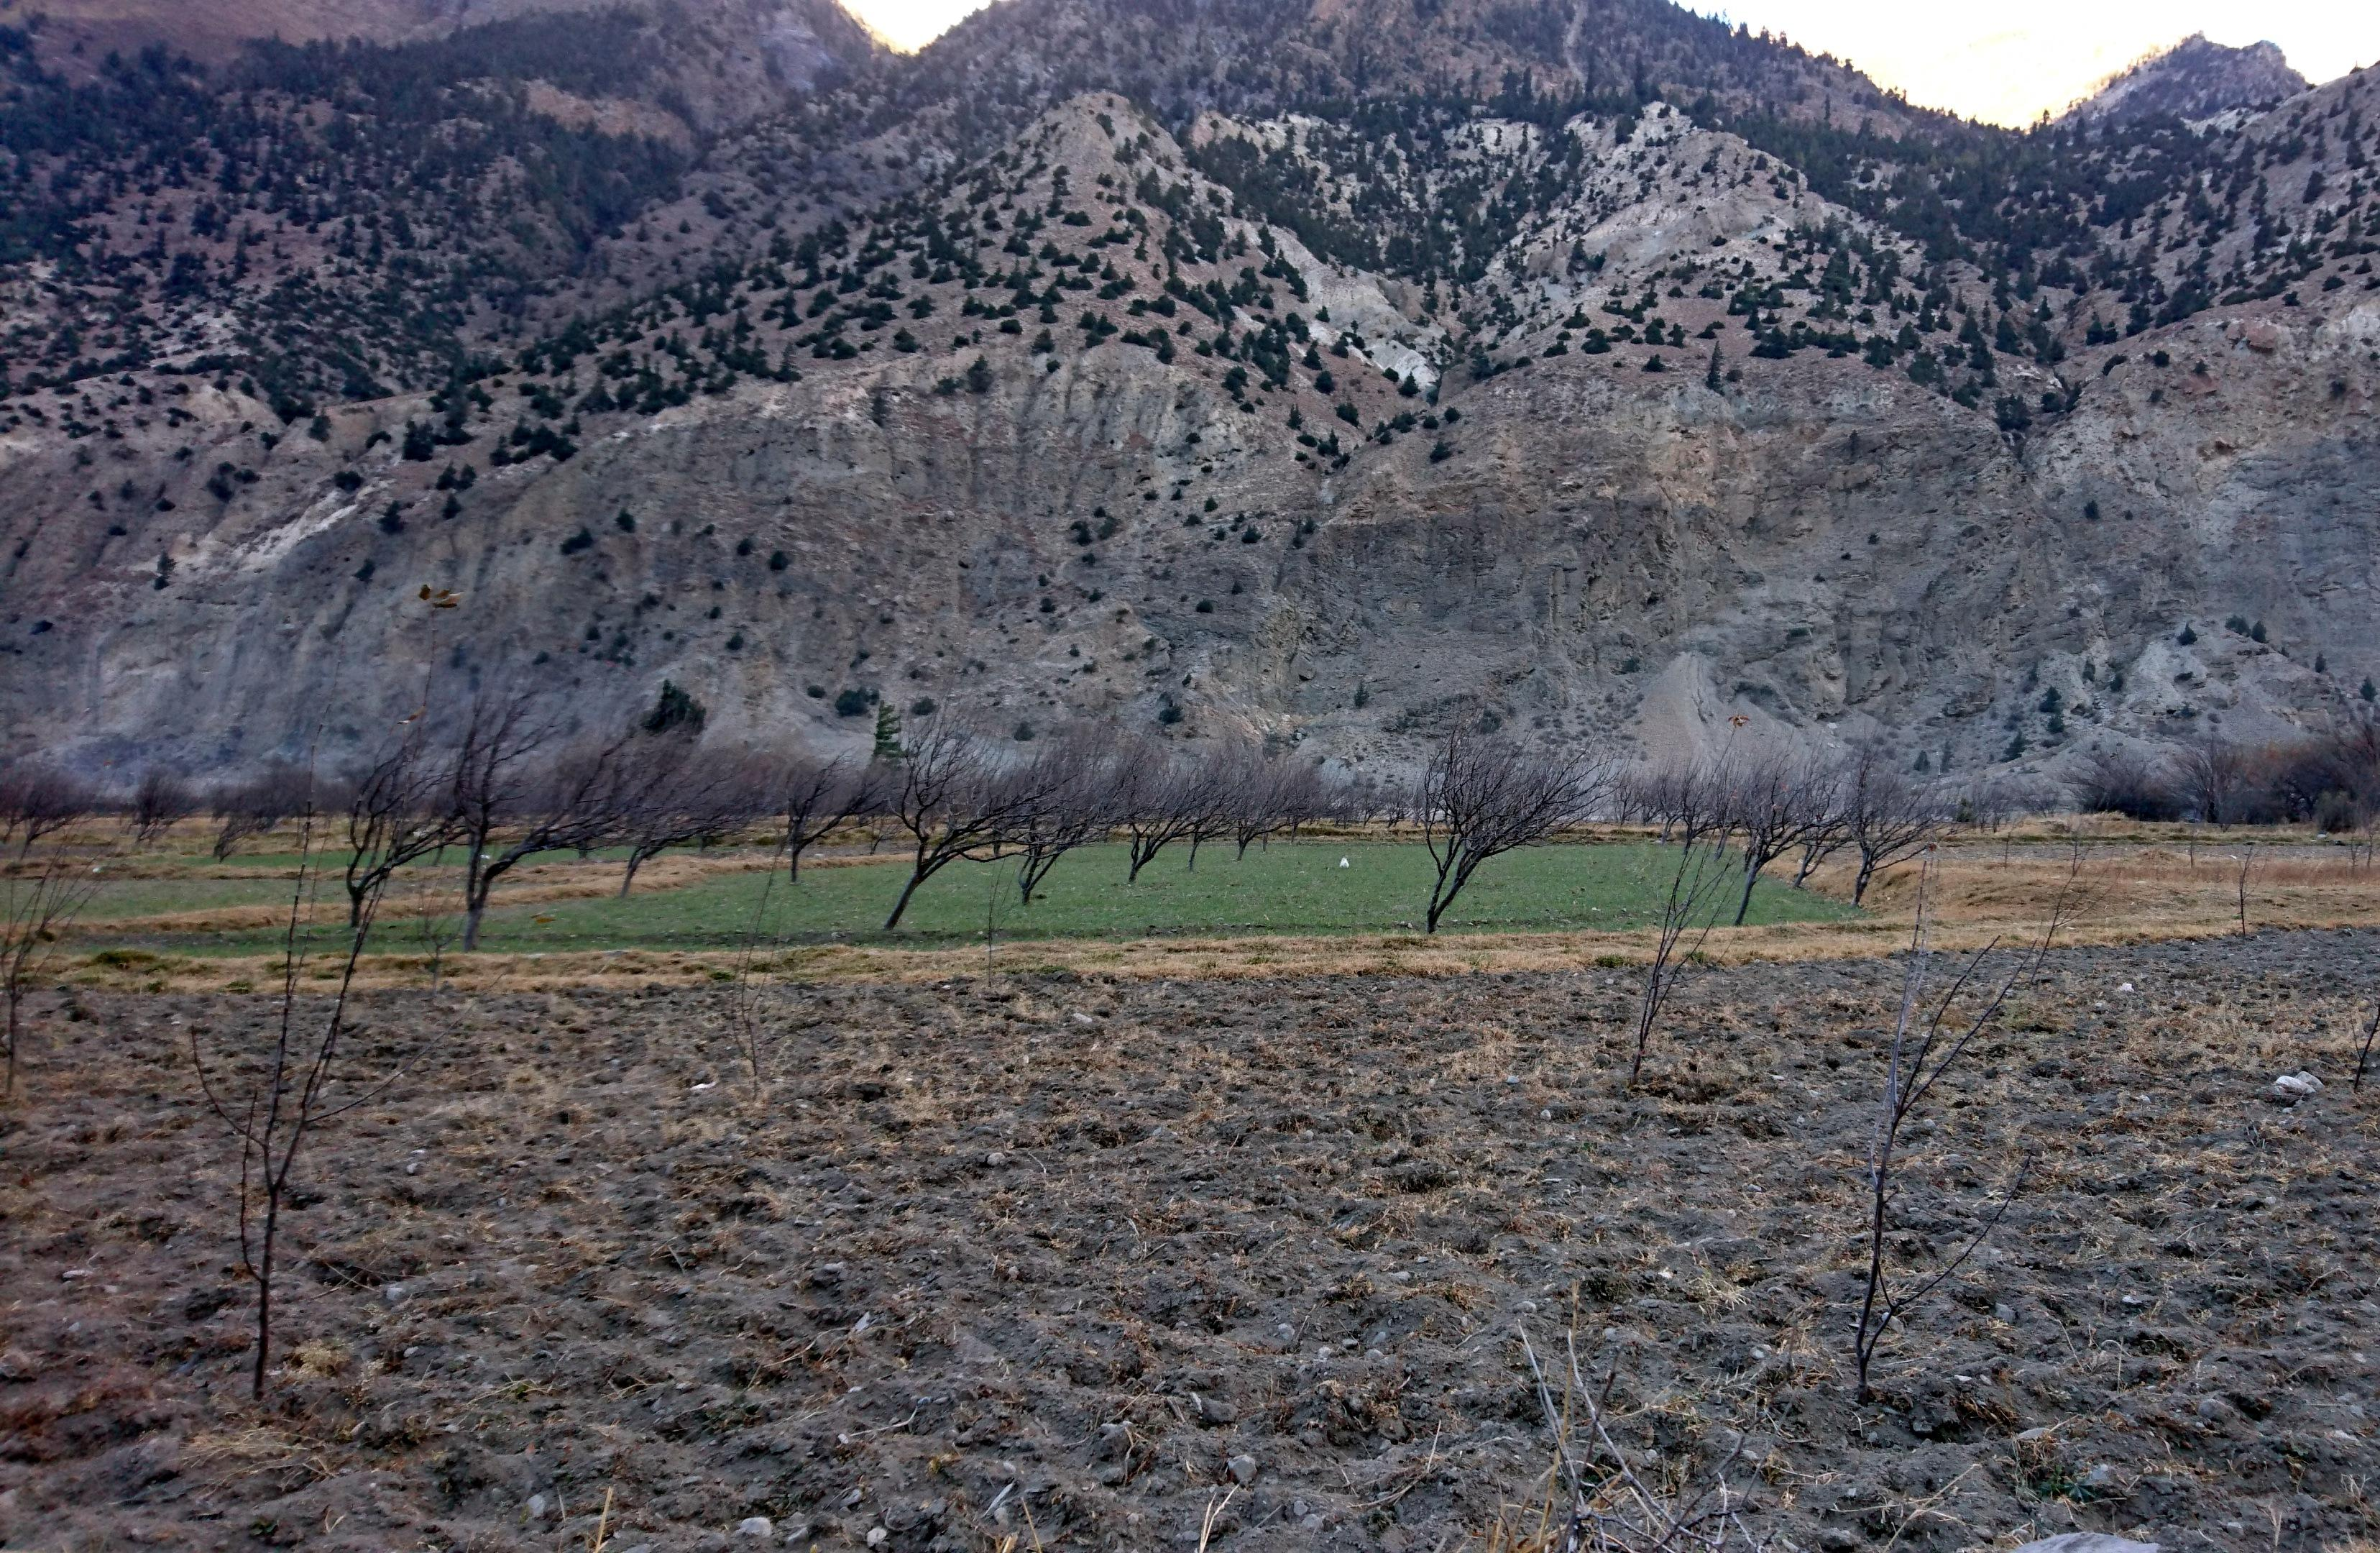 alberi da frutto (meli?) cresciuti con l'inclinazione data loro dal perenne soffiare del vento